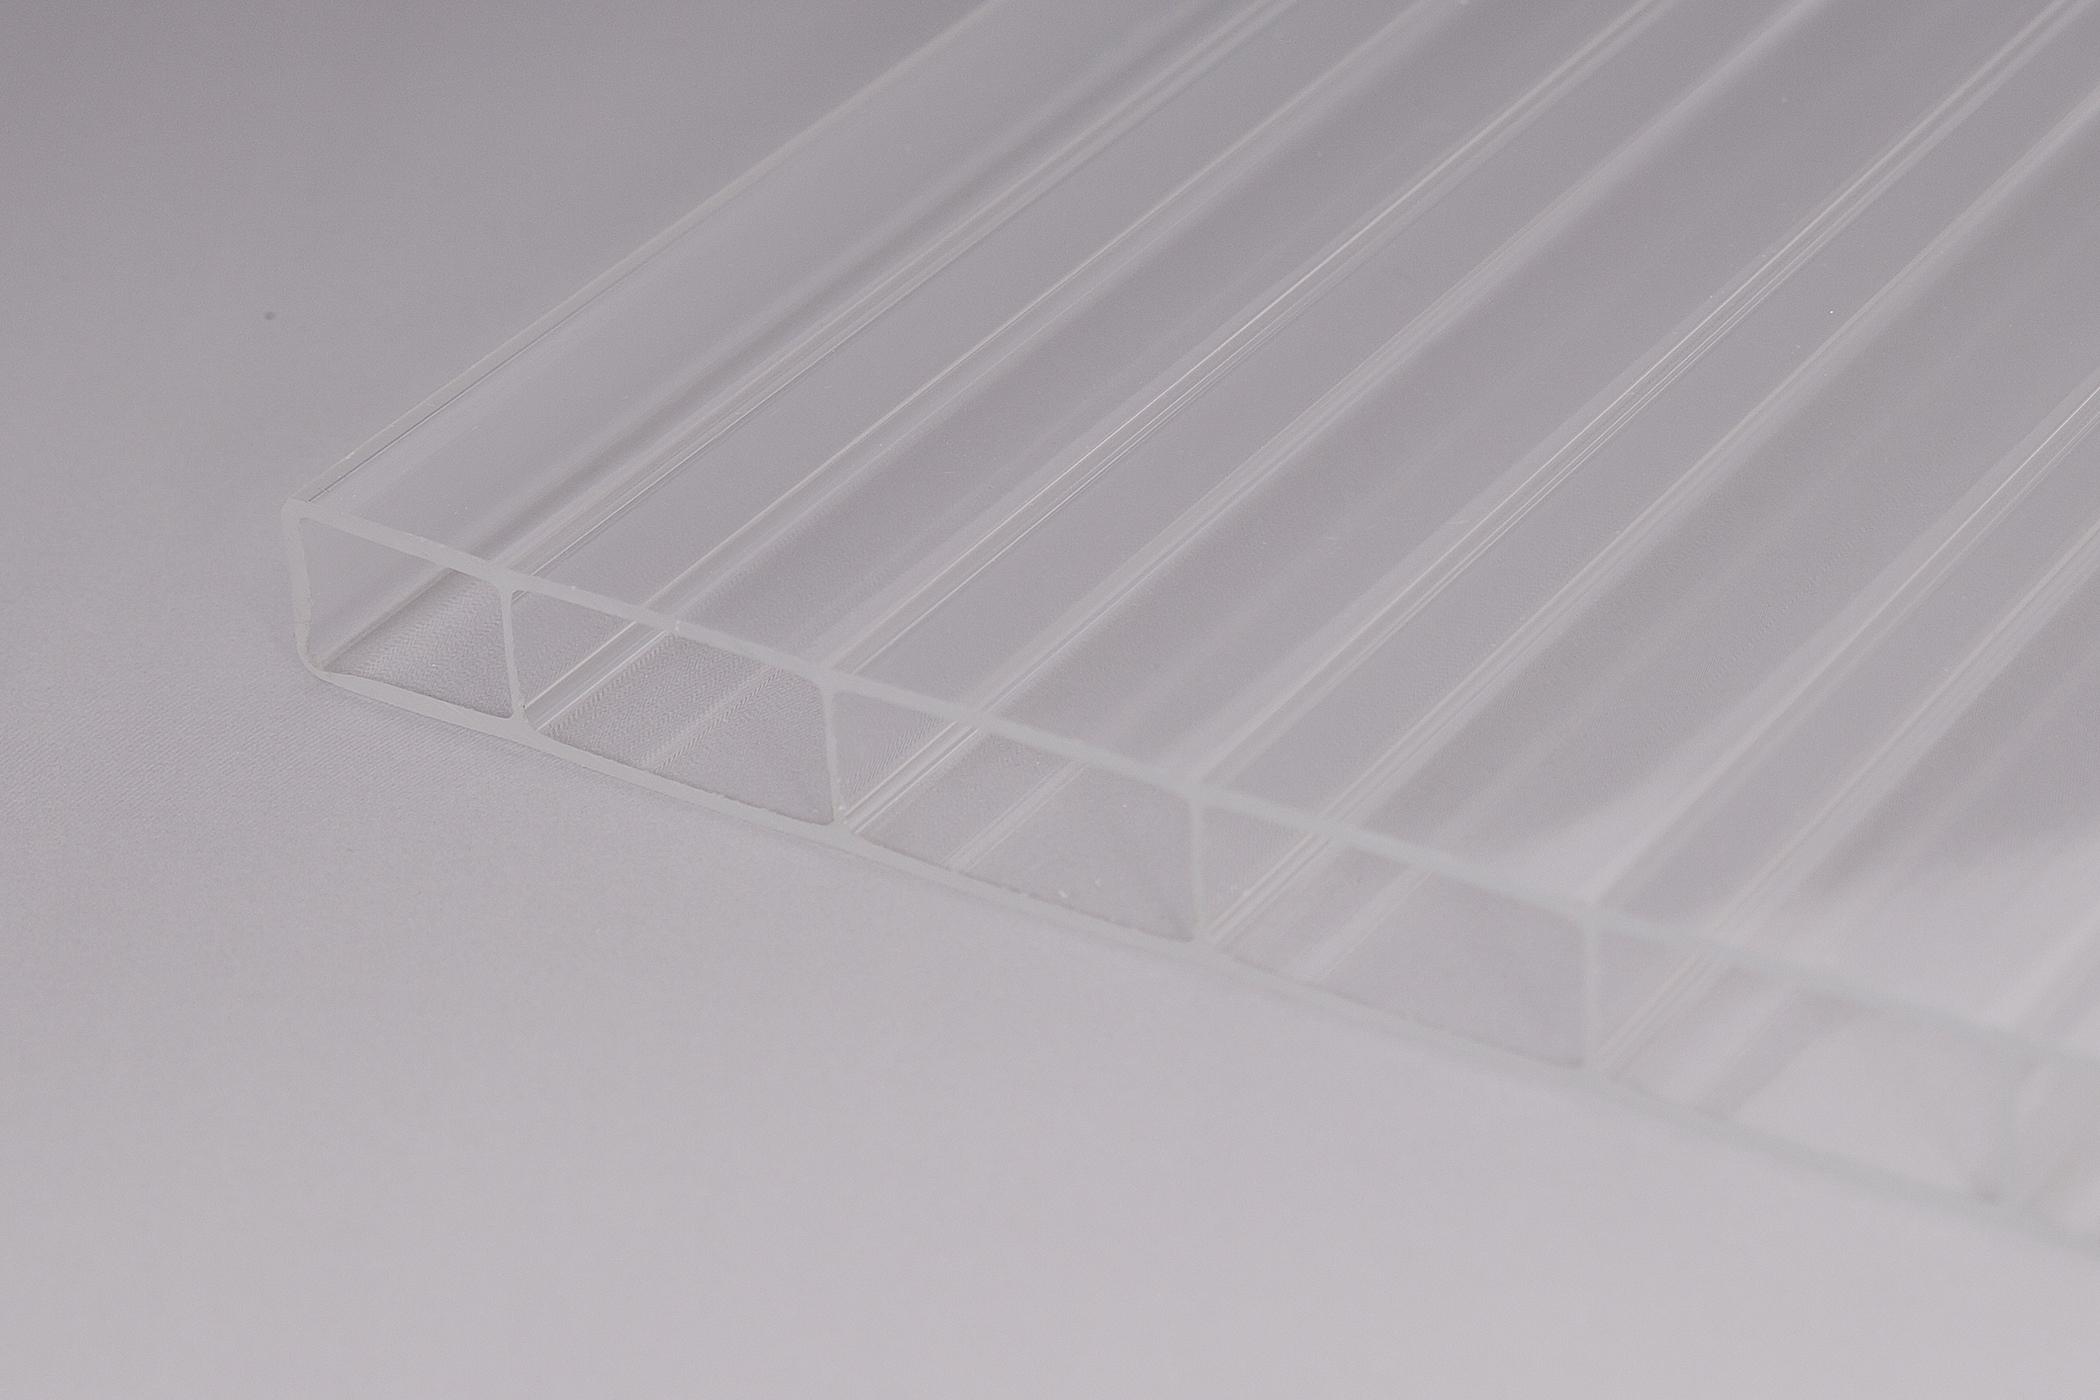 16 mm stegplatten aus acrylglas 16 32 glasklar onlineshop f r wellplatten und stegplatten. Black Bedroom Furniture Sets. Home Design Ideas